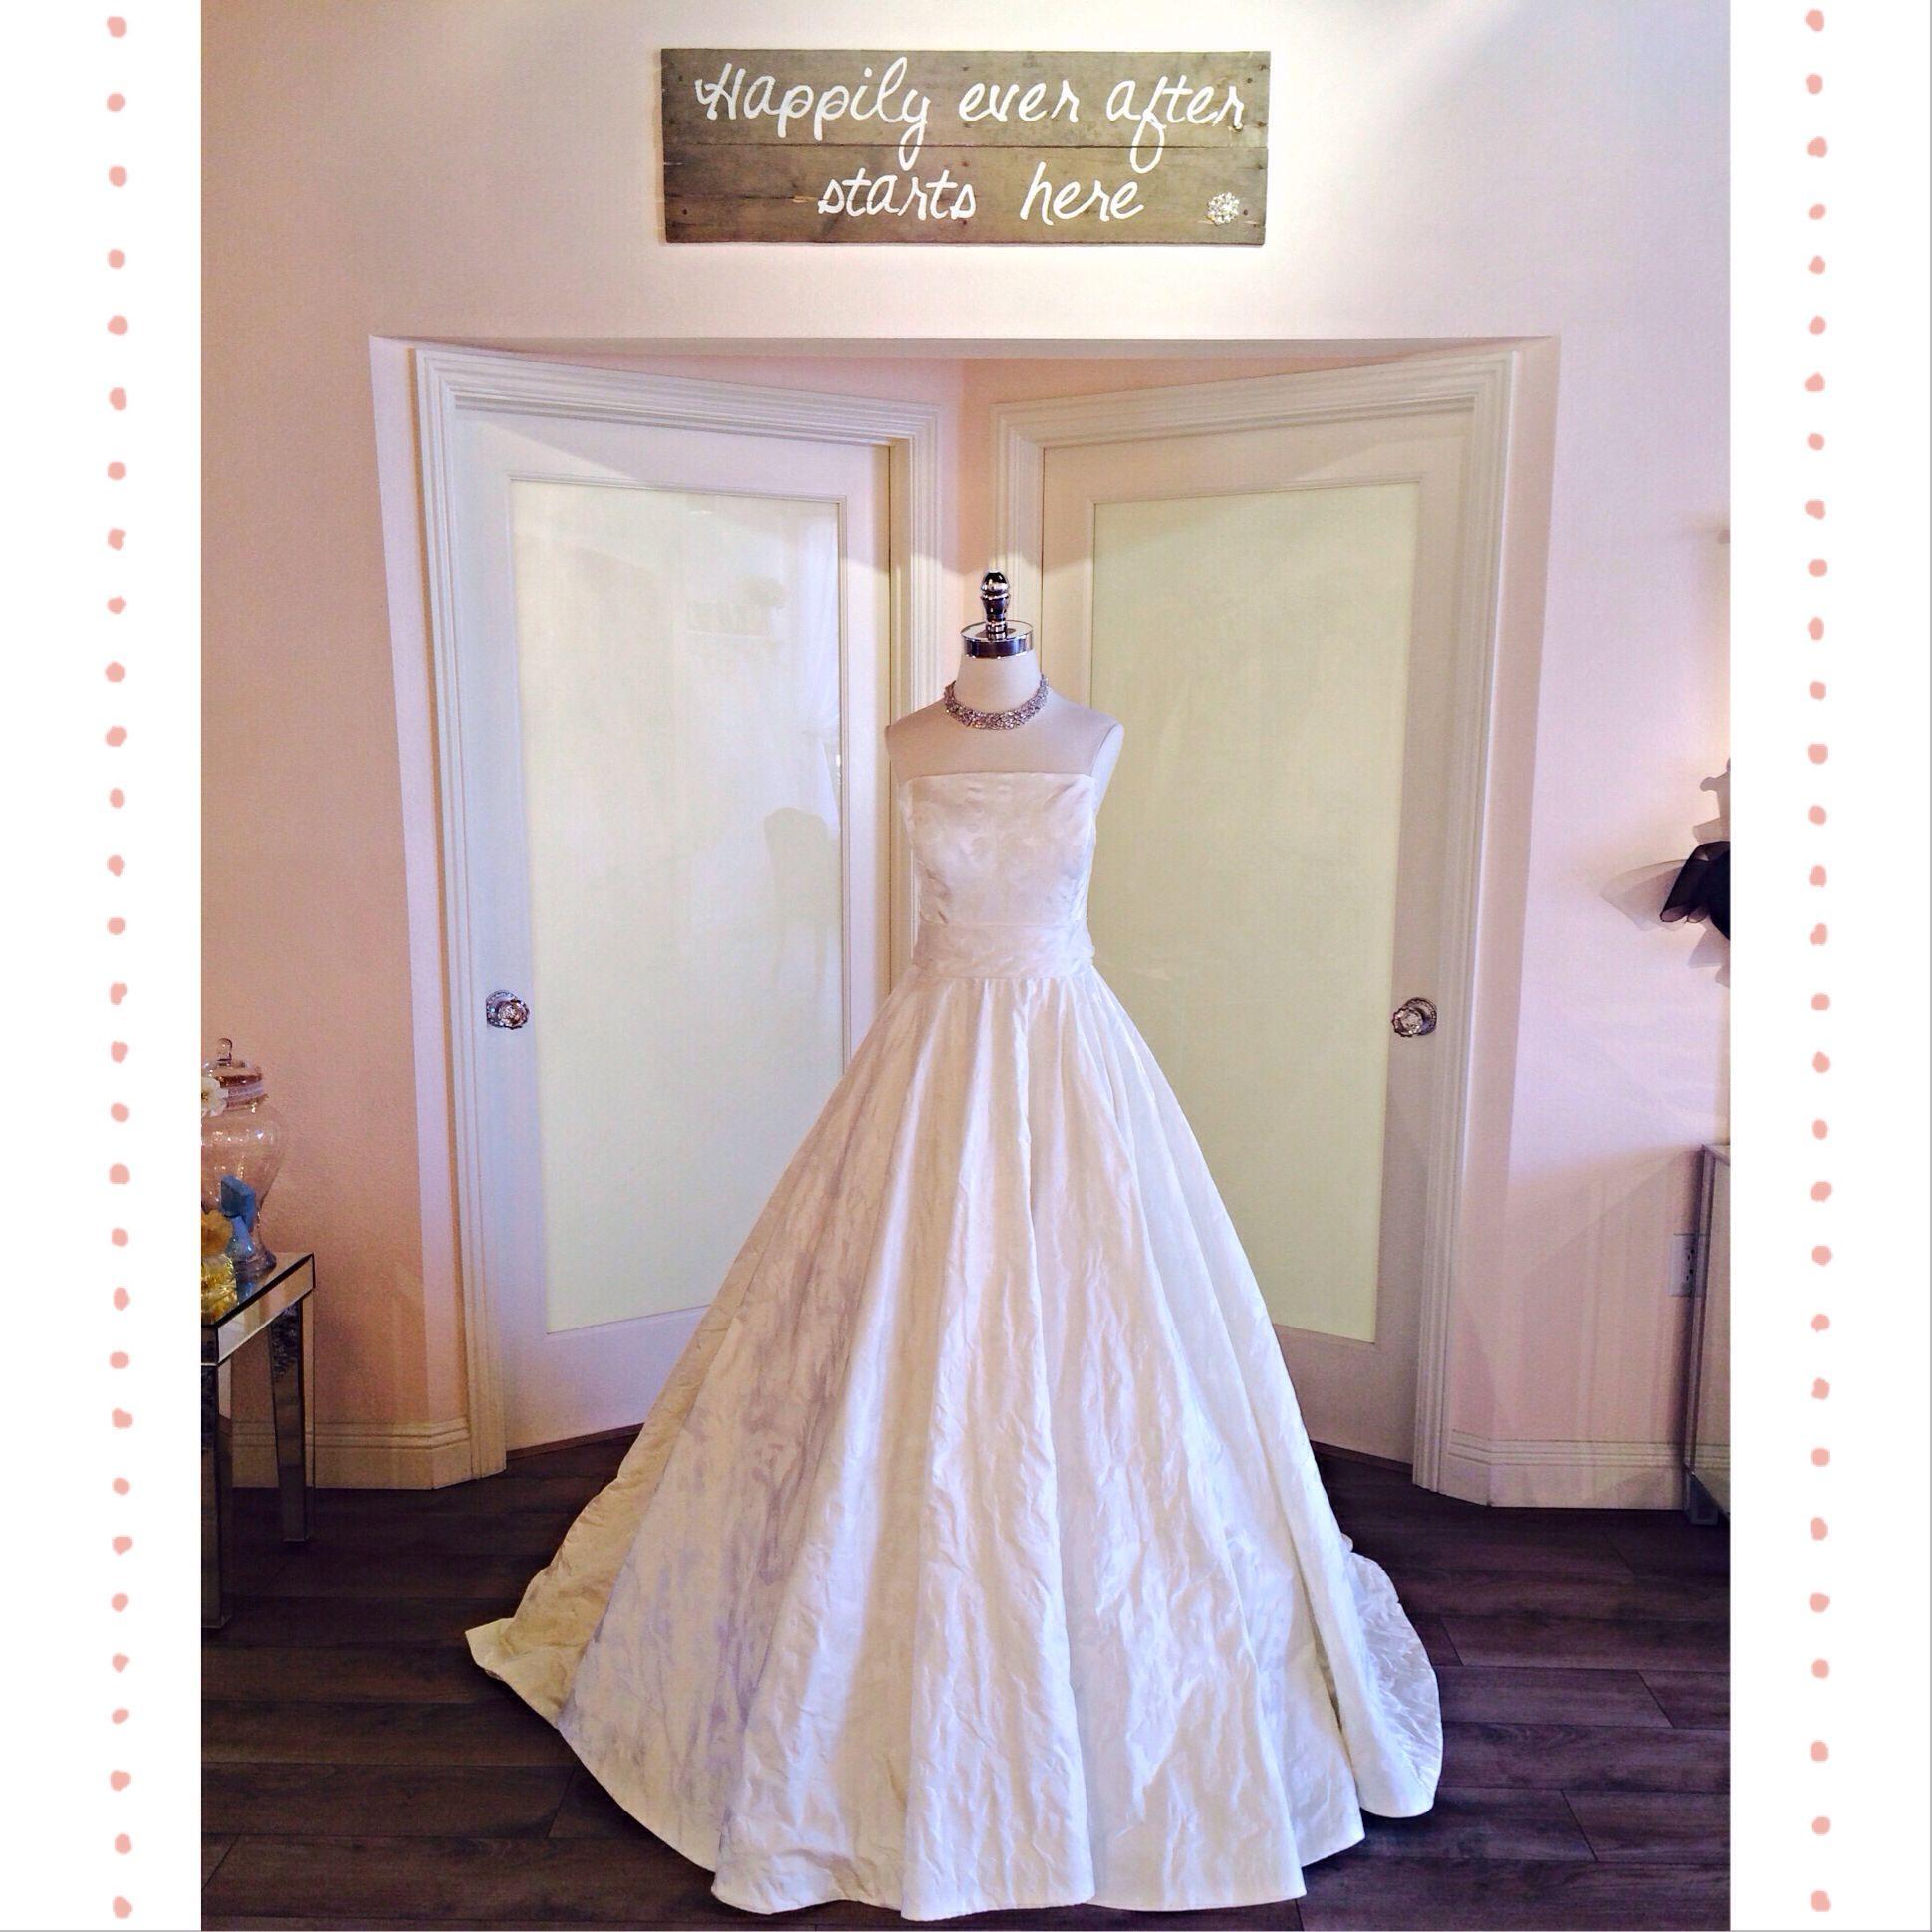 Brocade Tara Keely ball gown | Tara Keely | Pinterest | Ball gowns ...